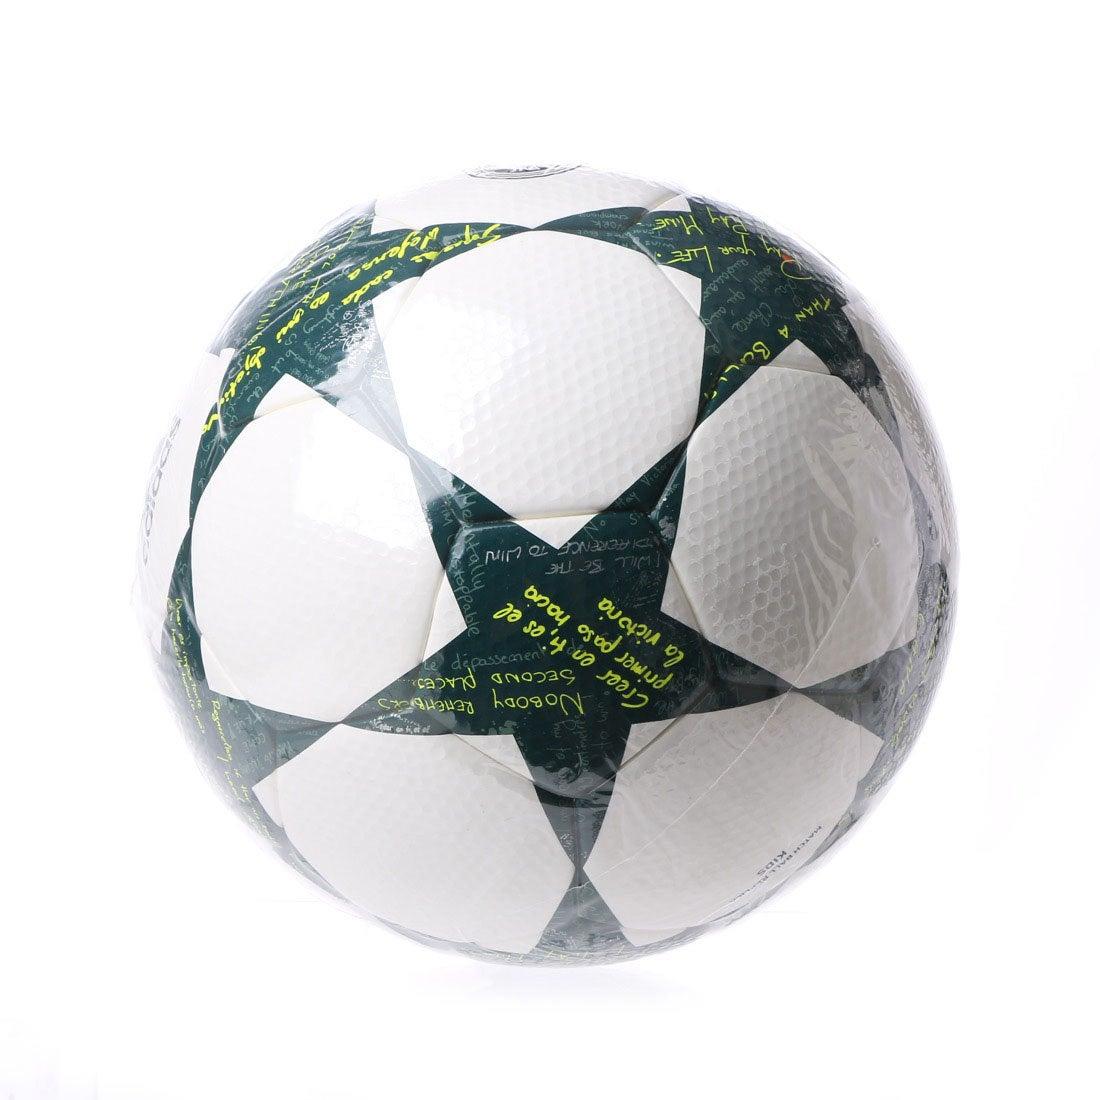 アディダス adidas ジュニア サッカー 試合球 フィナーレ16-17シーズン キッズ4号球 AF4400WG 585